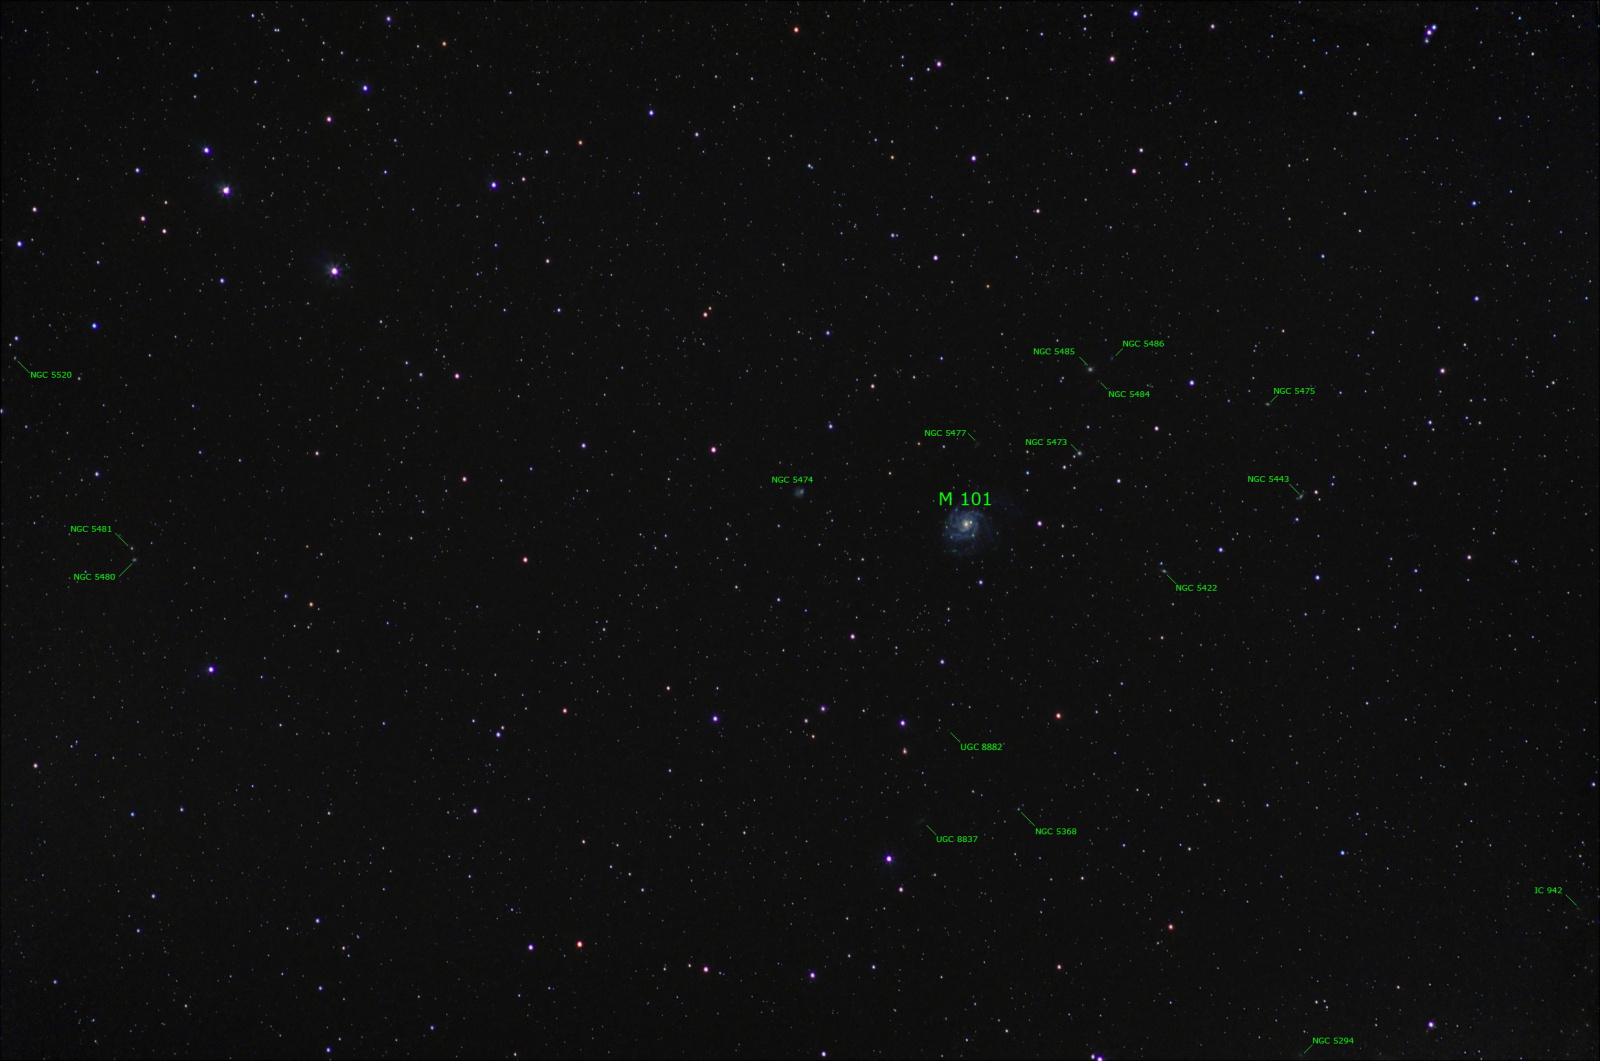 M101_50-opis.thumb.jpg.bbac67639f932c44d44889c3b1f42807.jpg